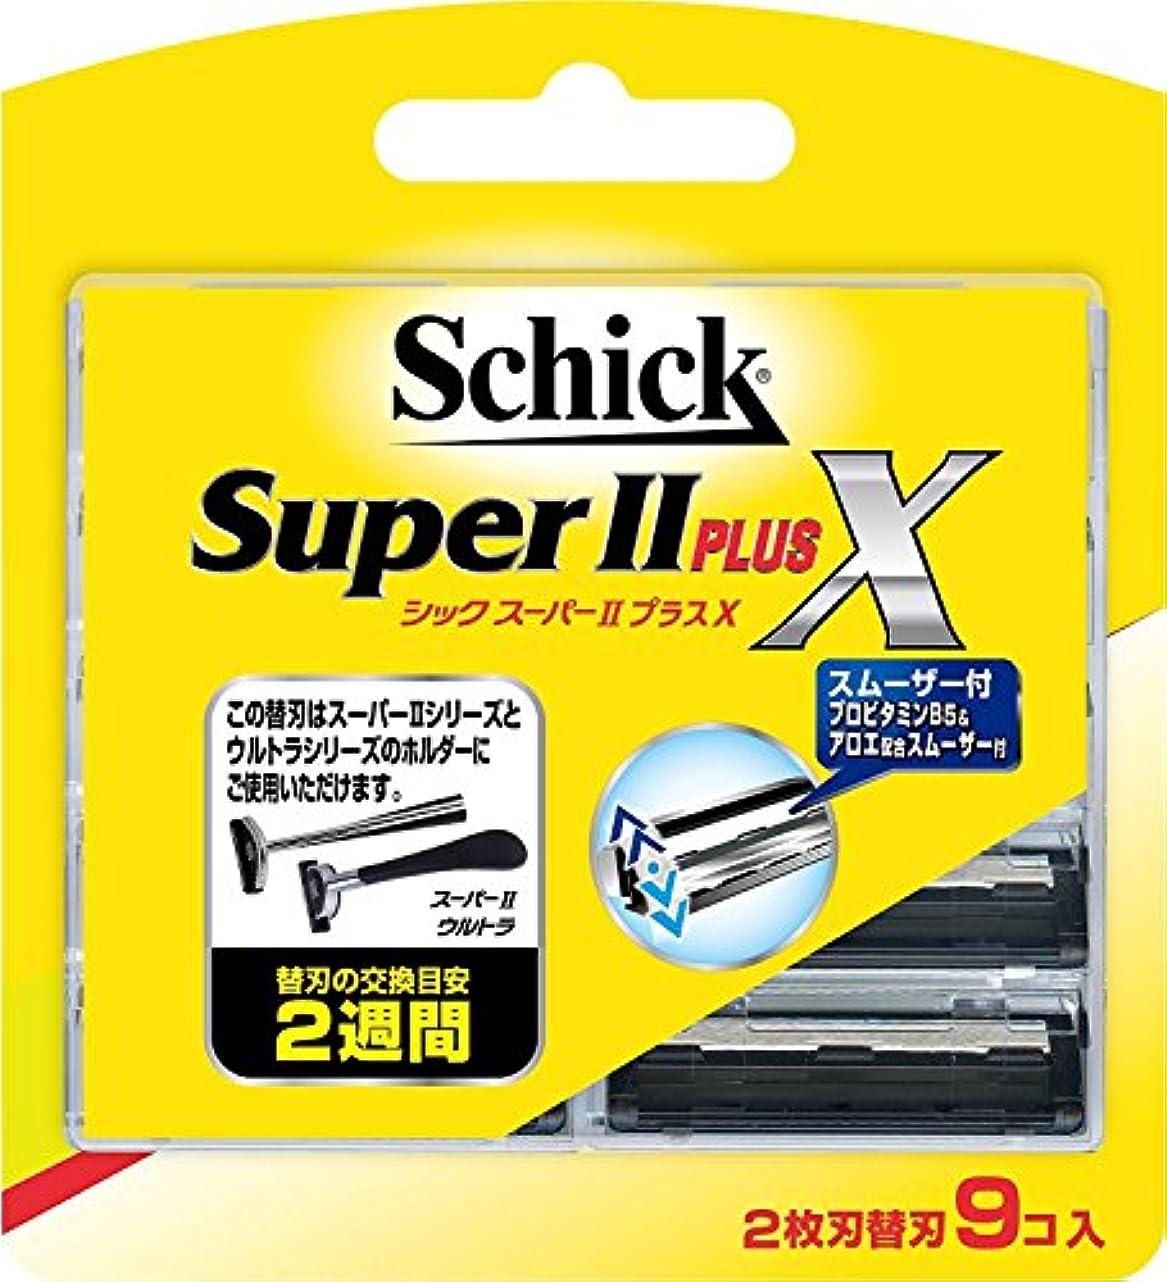 祭司タブレット監督するシック Schick スーパーIIプラスX 2枚刃 替刃 (9コ入) ×12個